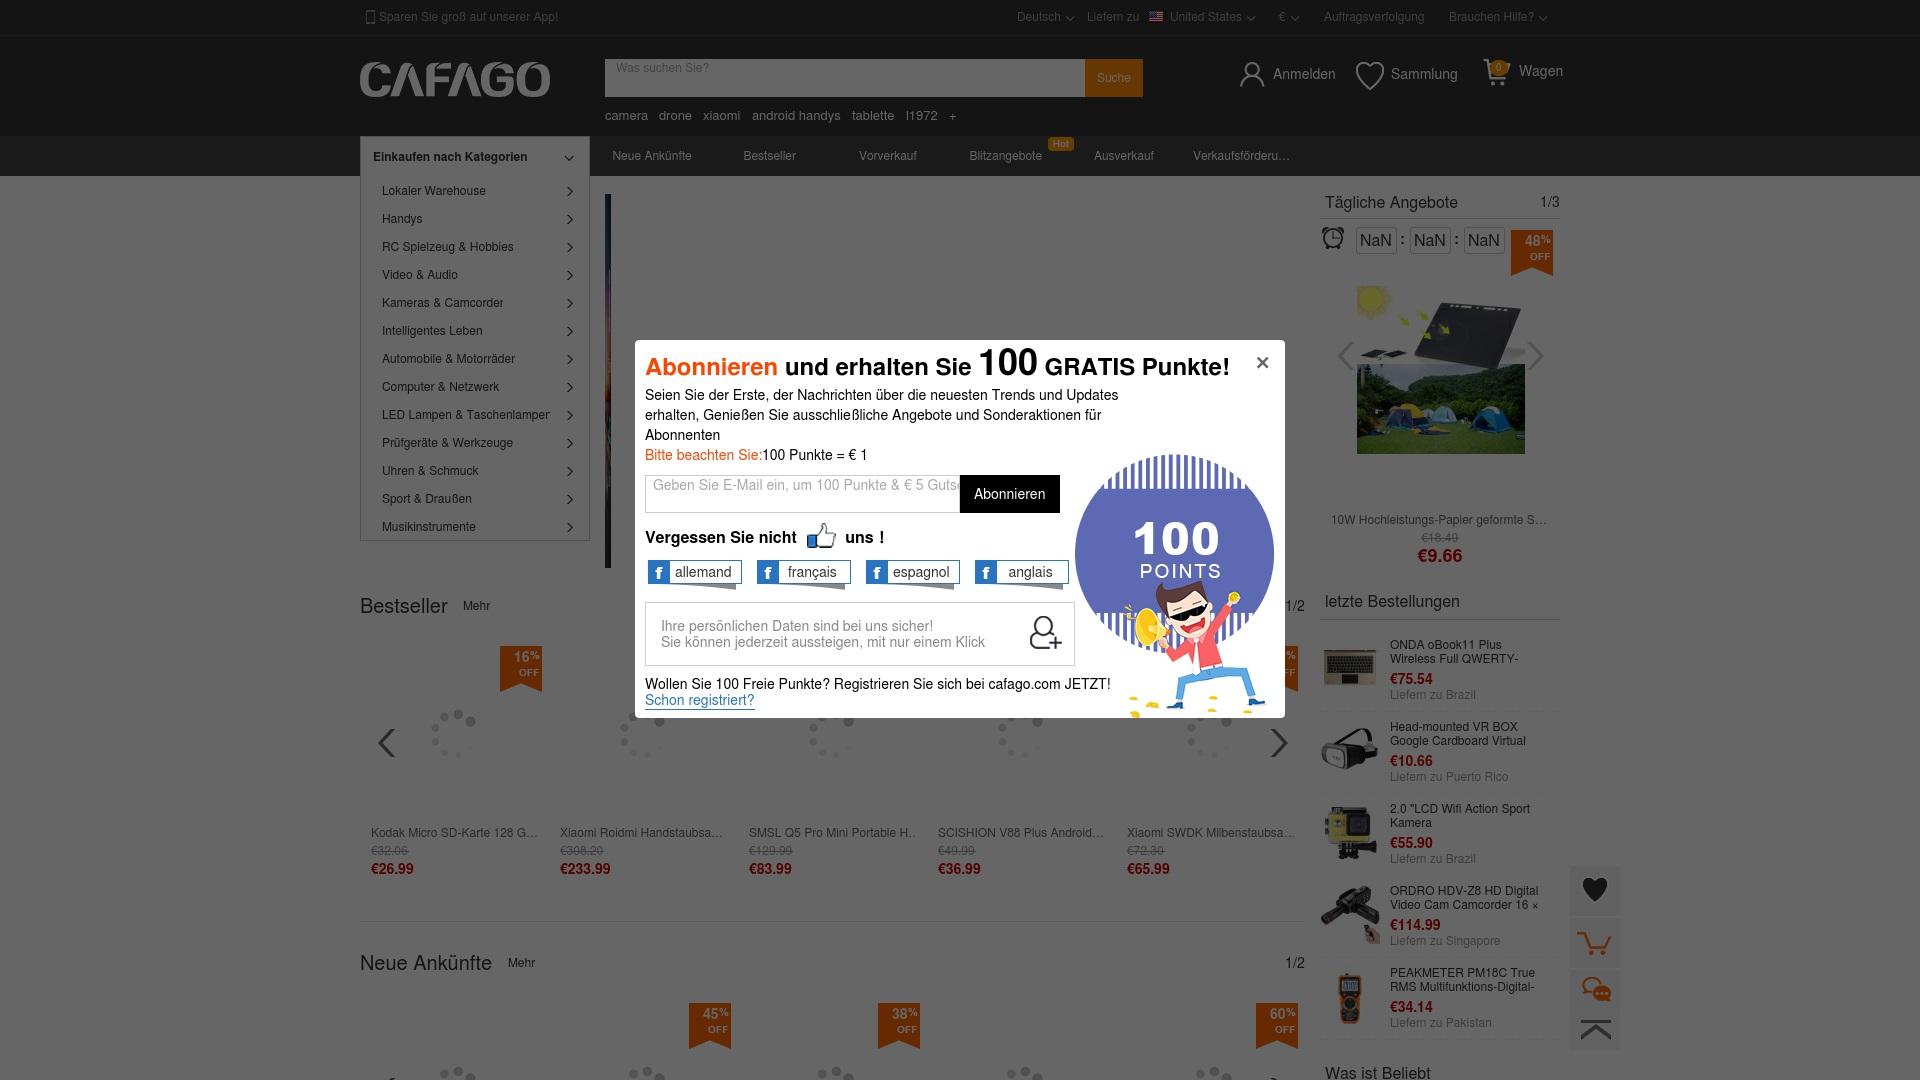 Gutschein für Cafago: Rabatte für  Cafago sichern